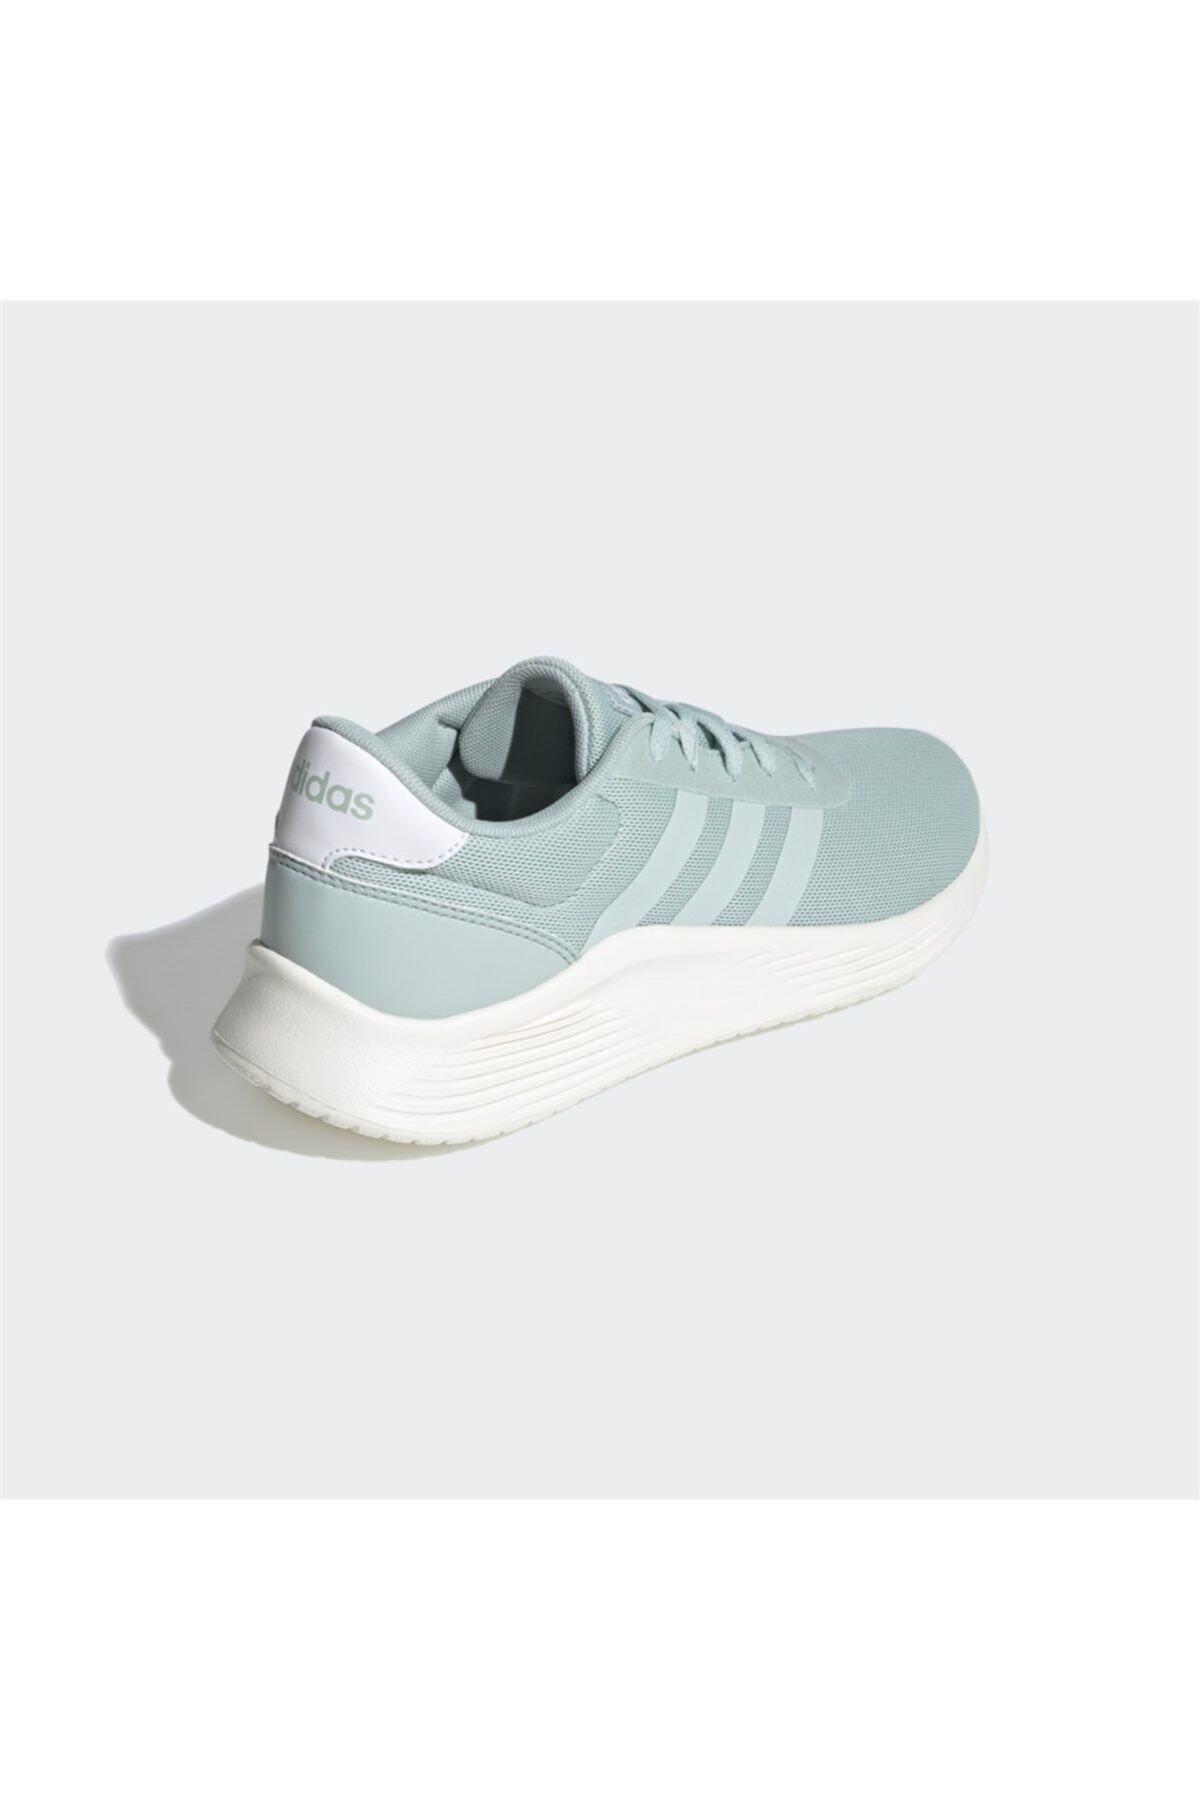 adidas LITE RACER 2.0 Kadın Yürüyüş Ayakkabısı 2